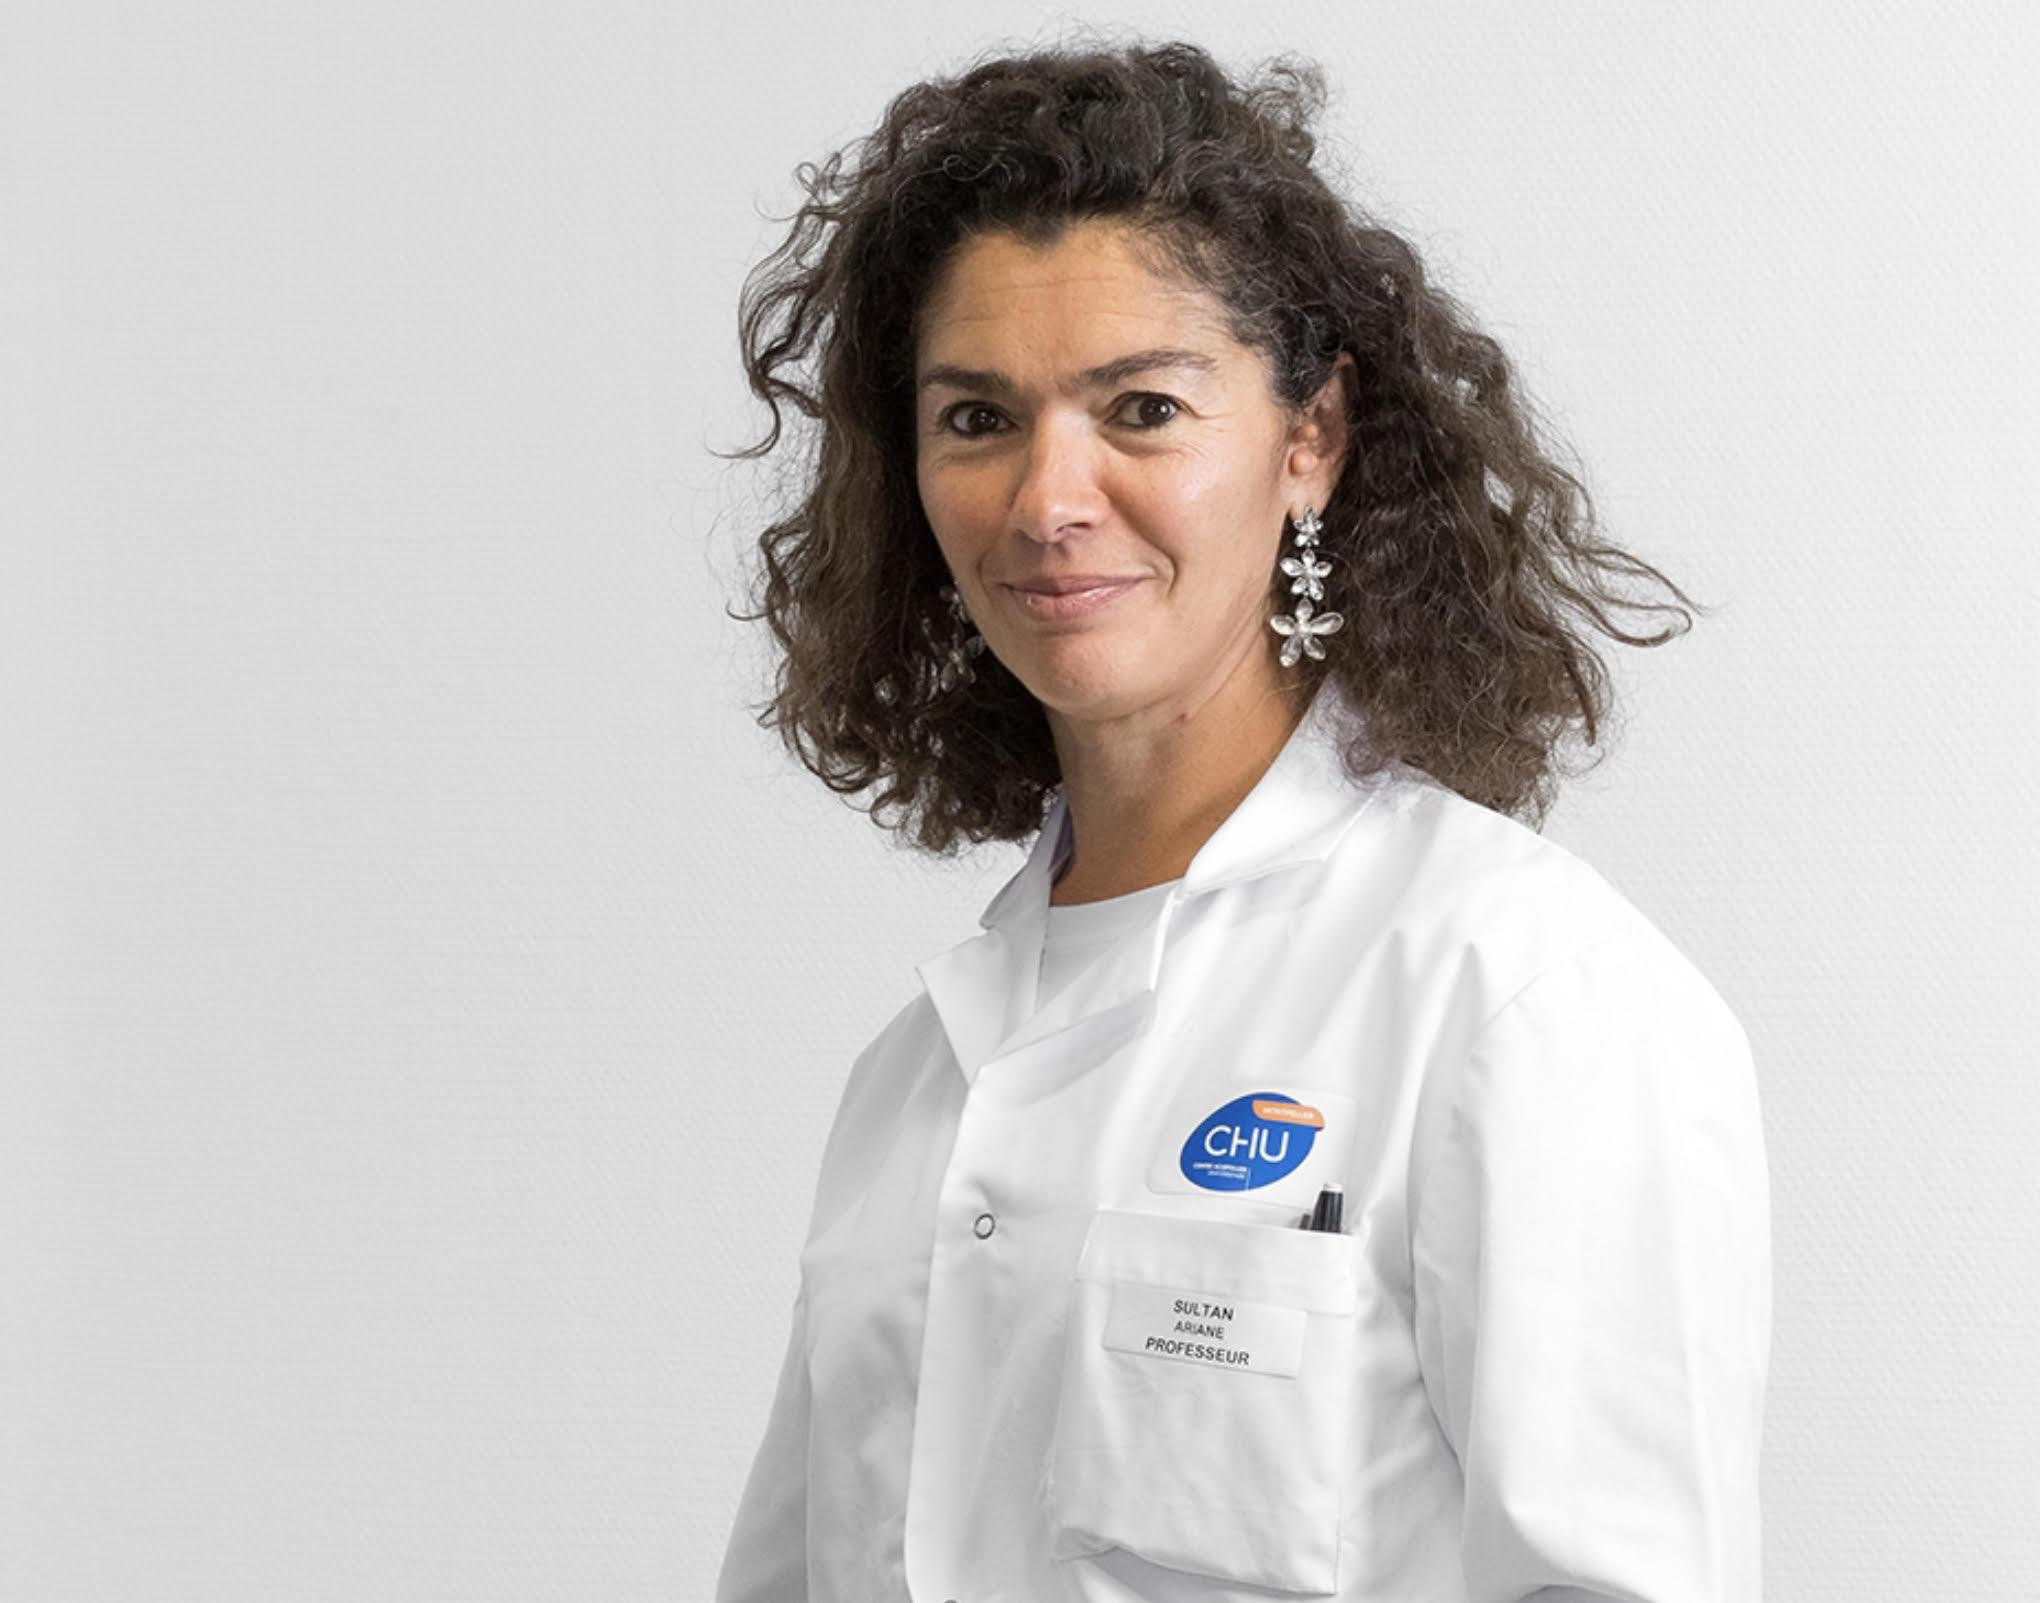 Pour Ariane Sultan, professeur de médecine et membre de l'équipe Nutrition Diabète au Centre hospitalier de Montpellier, le diabète et les comorbidités associées témoignent de la fragilité des sujets. L'occasion aussi de faire le point sur la prise en charge des personnes atteintes d'obésité en cette période de crise sanitaire.